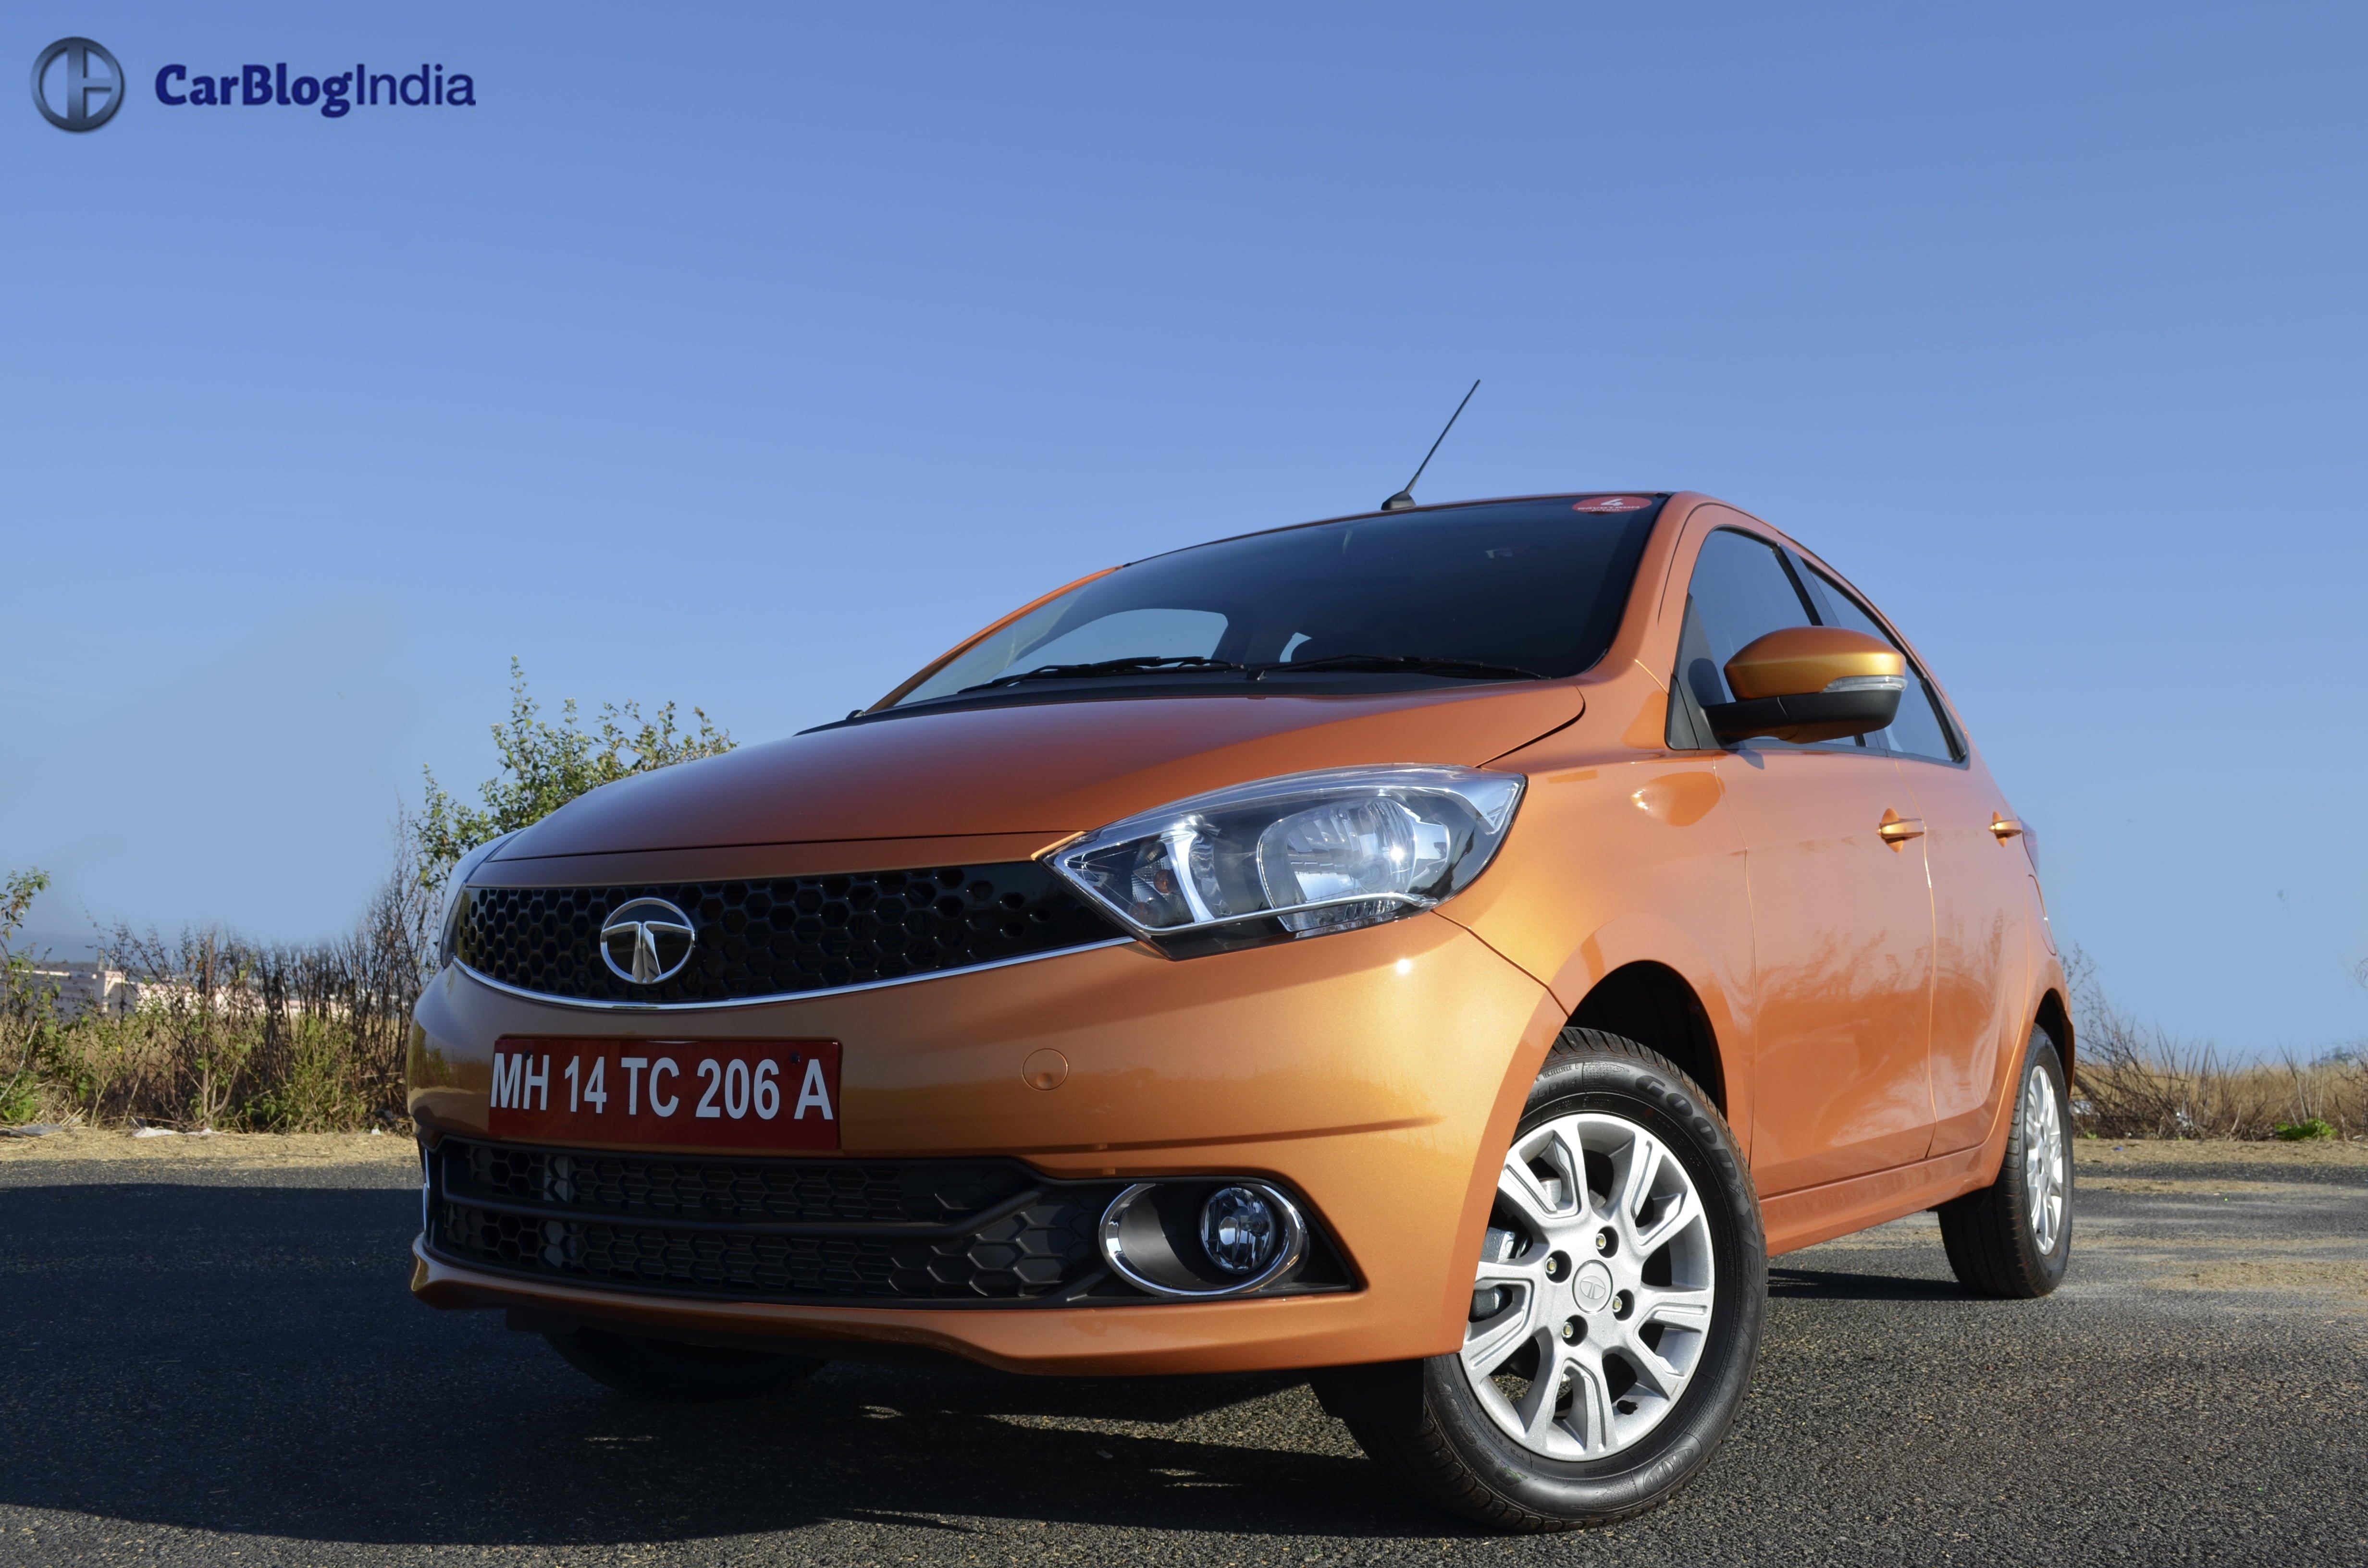 Tata Tiago vs Maruti Celerio vs Hyundai Grand i10 Comparison